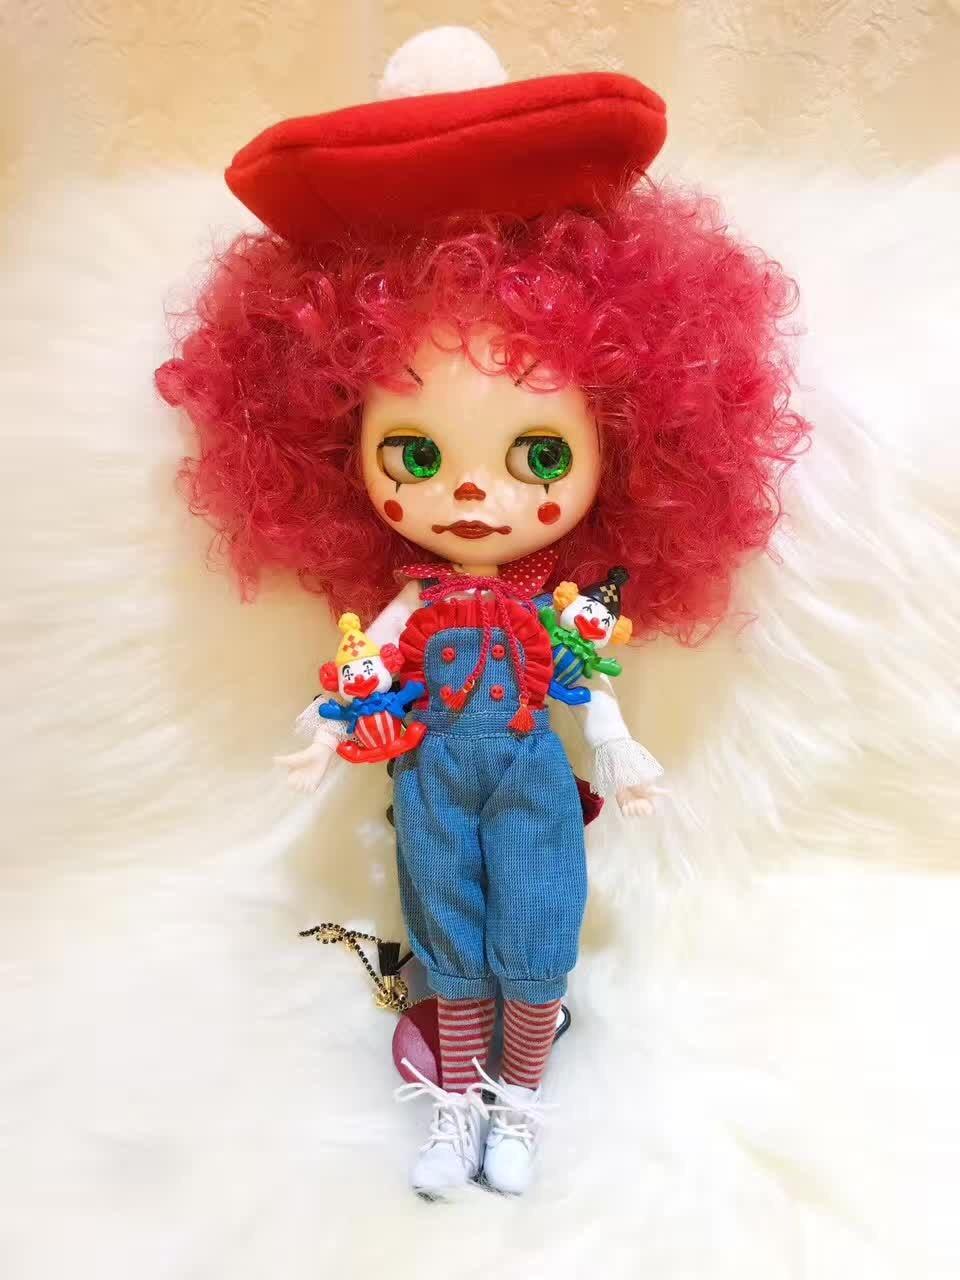 Blyth doll Clown doll doll appreciate tetiana tikhovska paper doll